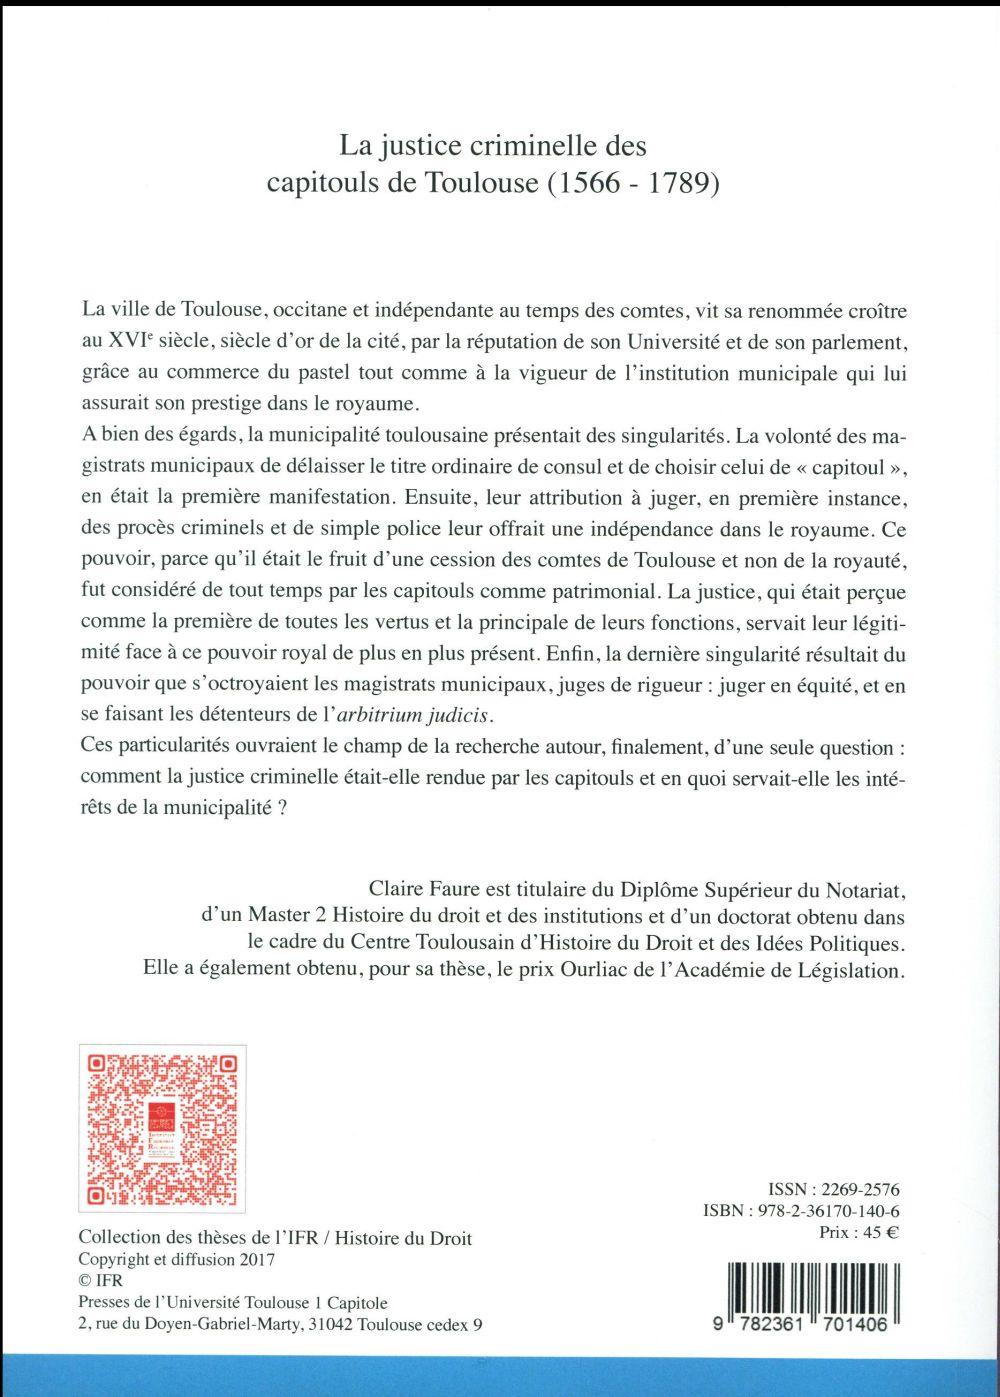 la justice criminelle des capitouls de Toulouse (1566-1789)